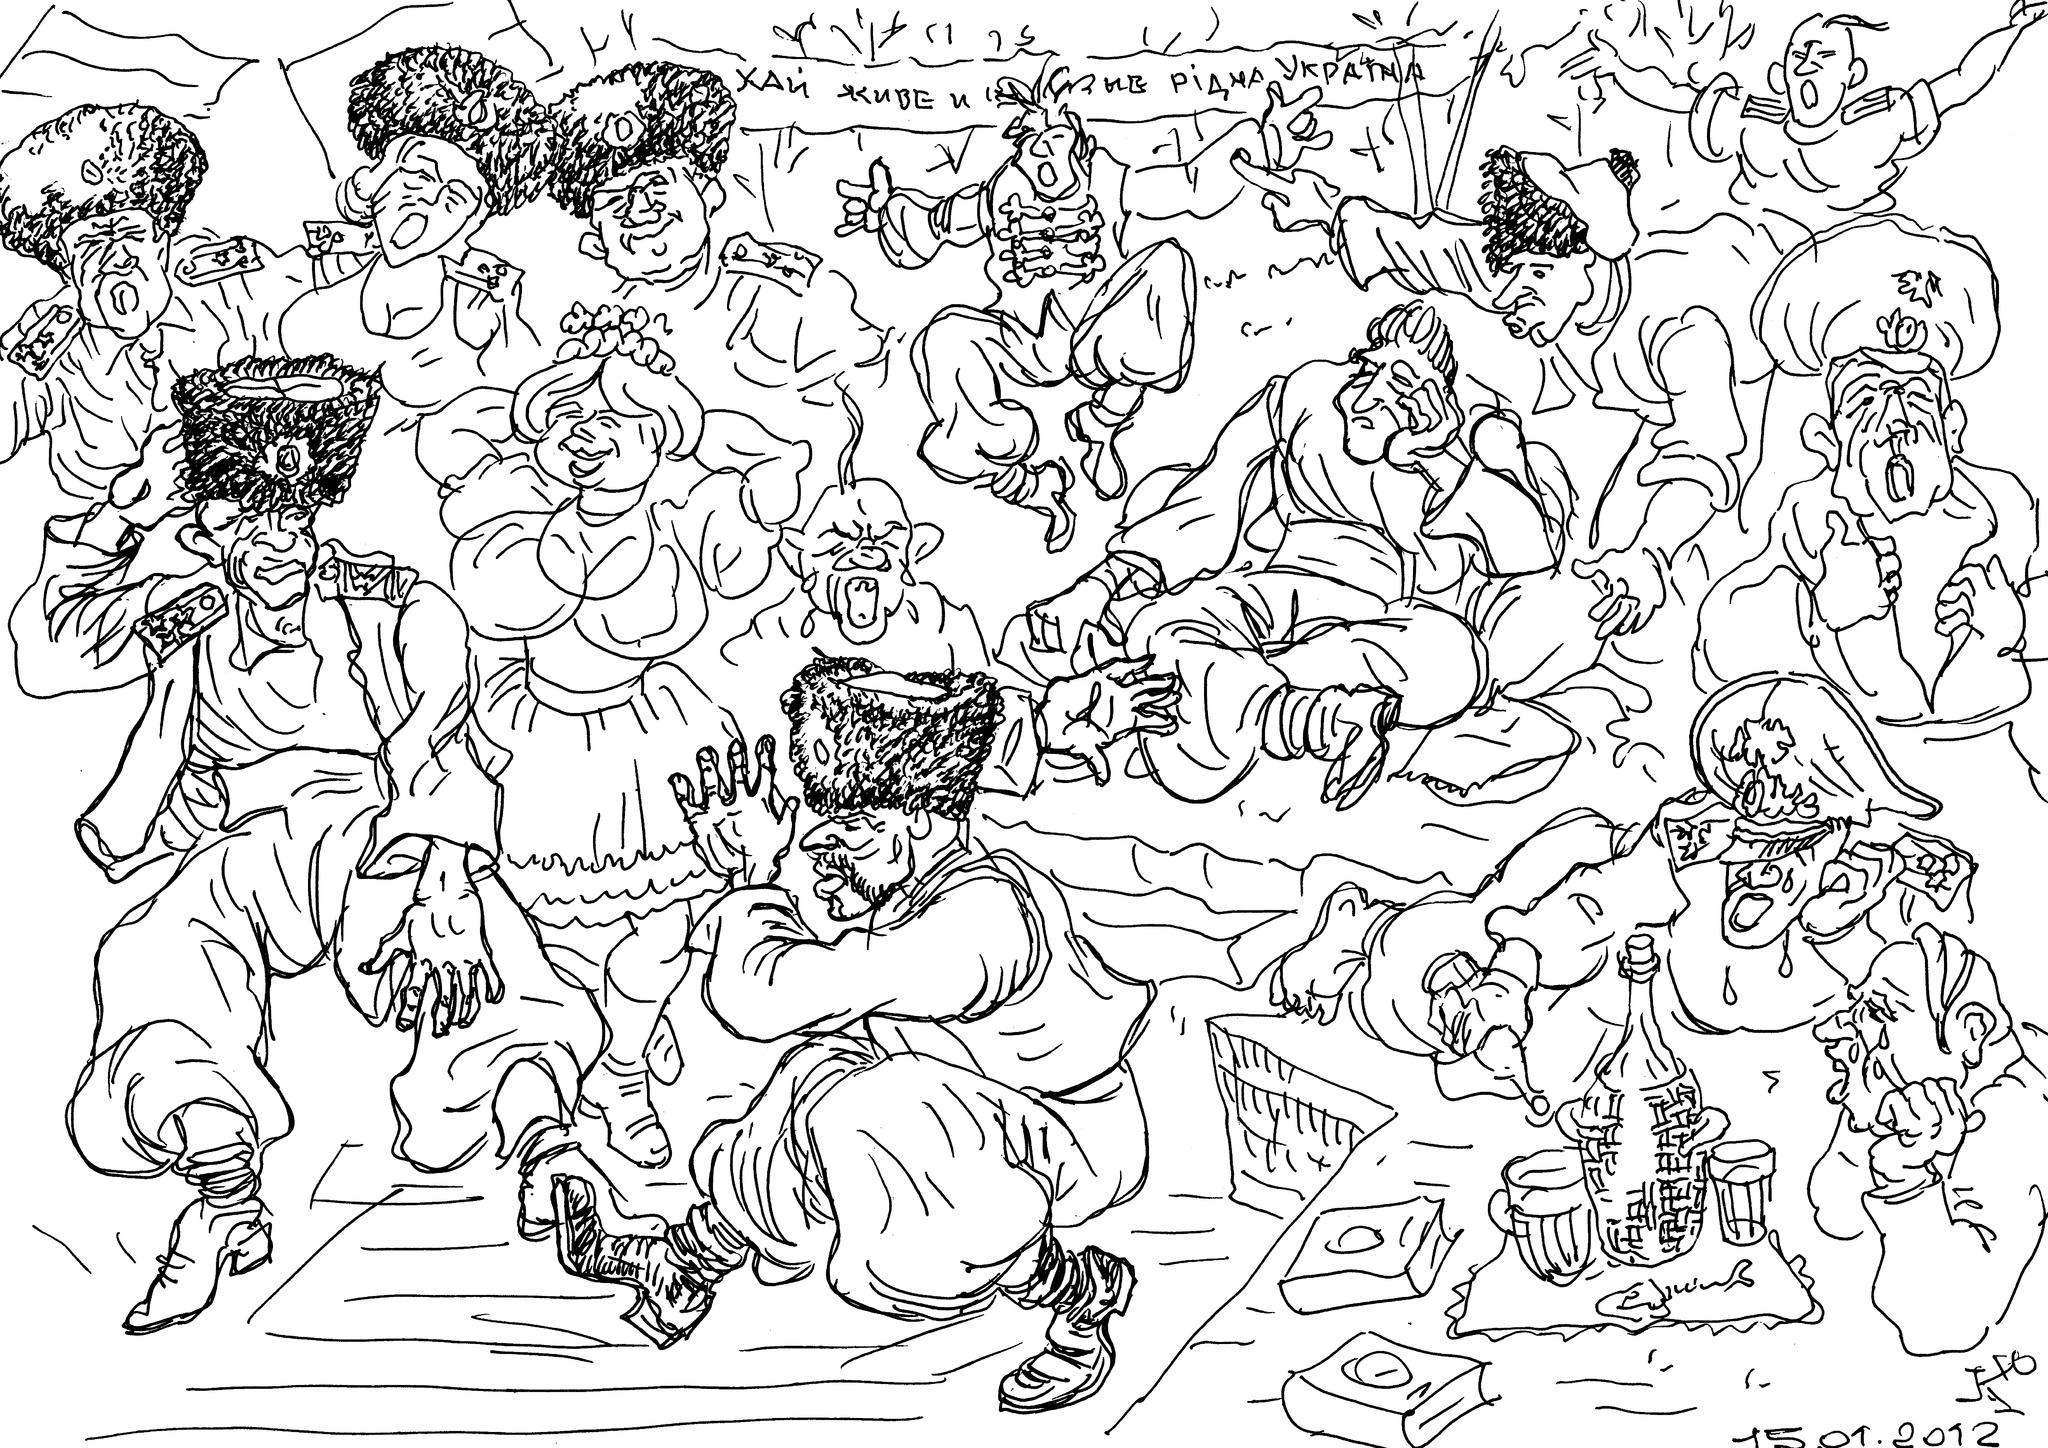 Тоскуют засланцы на чужбине, будучи вынужденными служить москалям